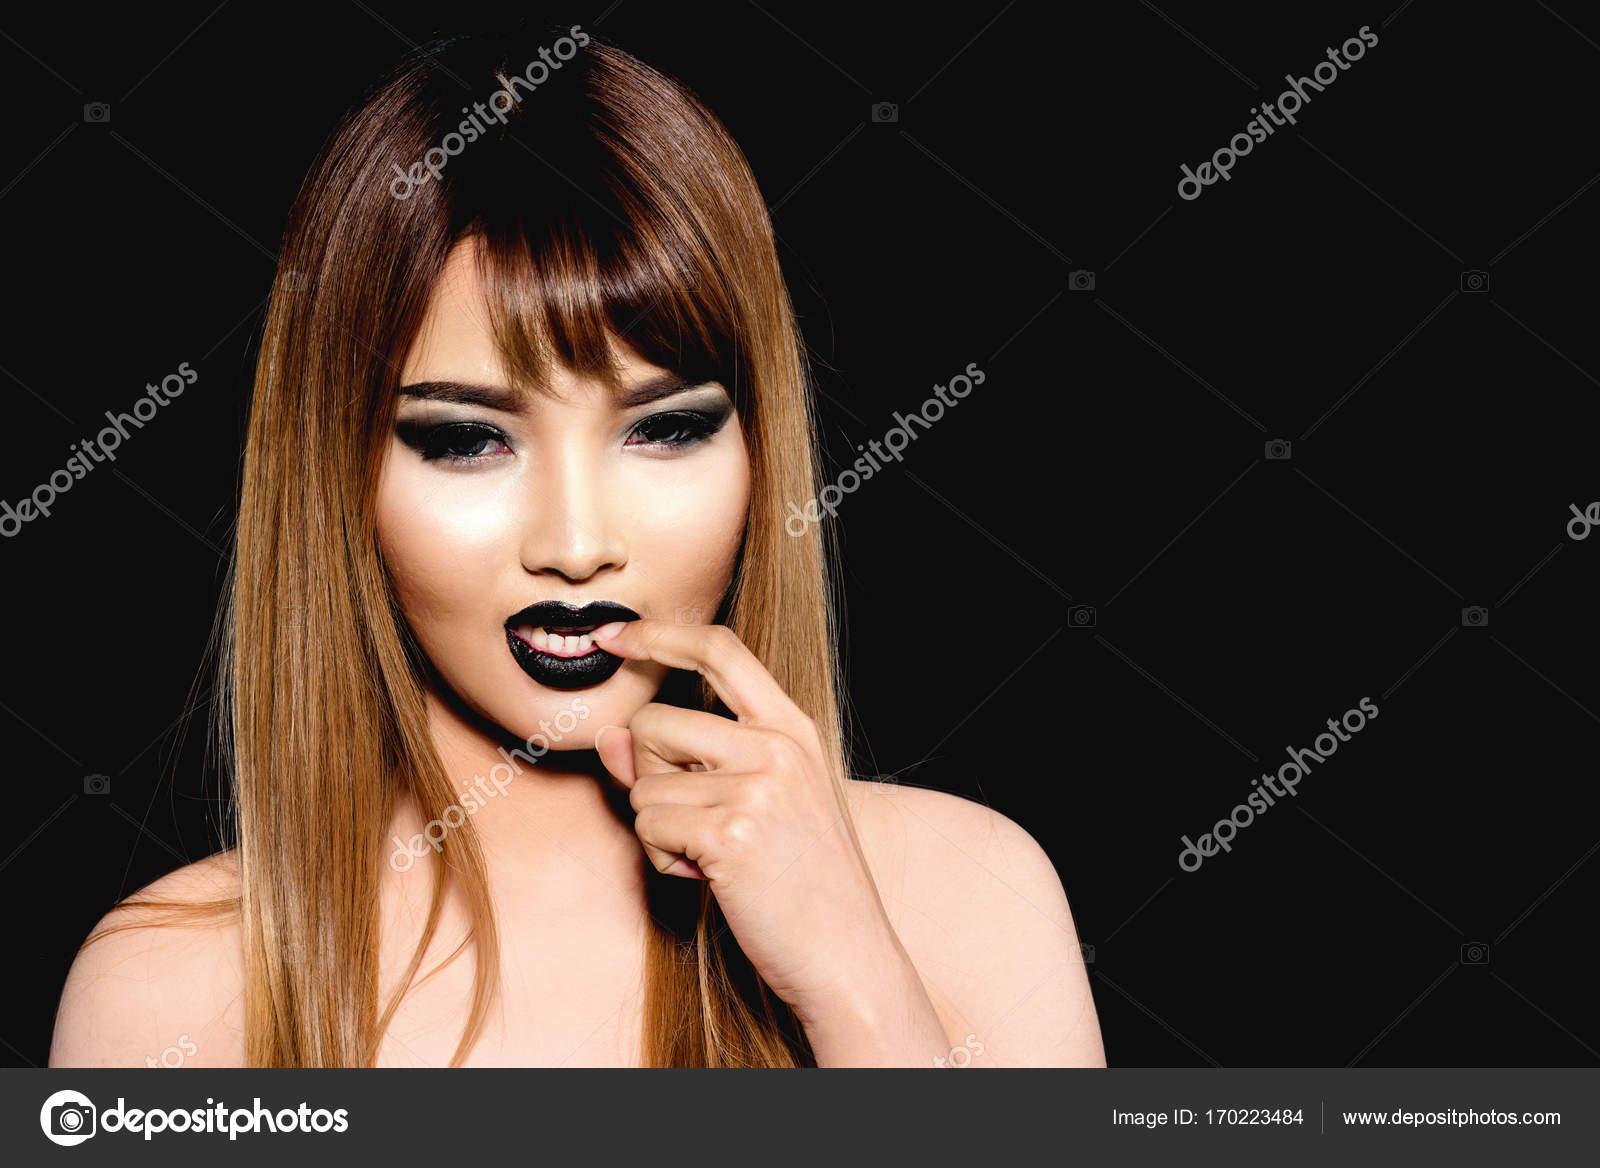 Καυλιάρης νεαρά μοντέλα